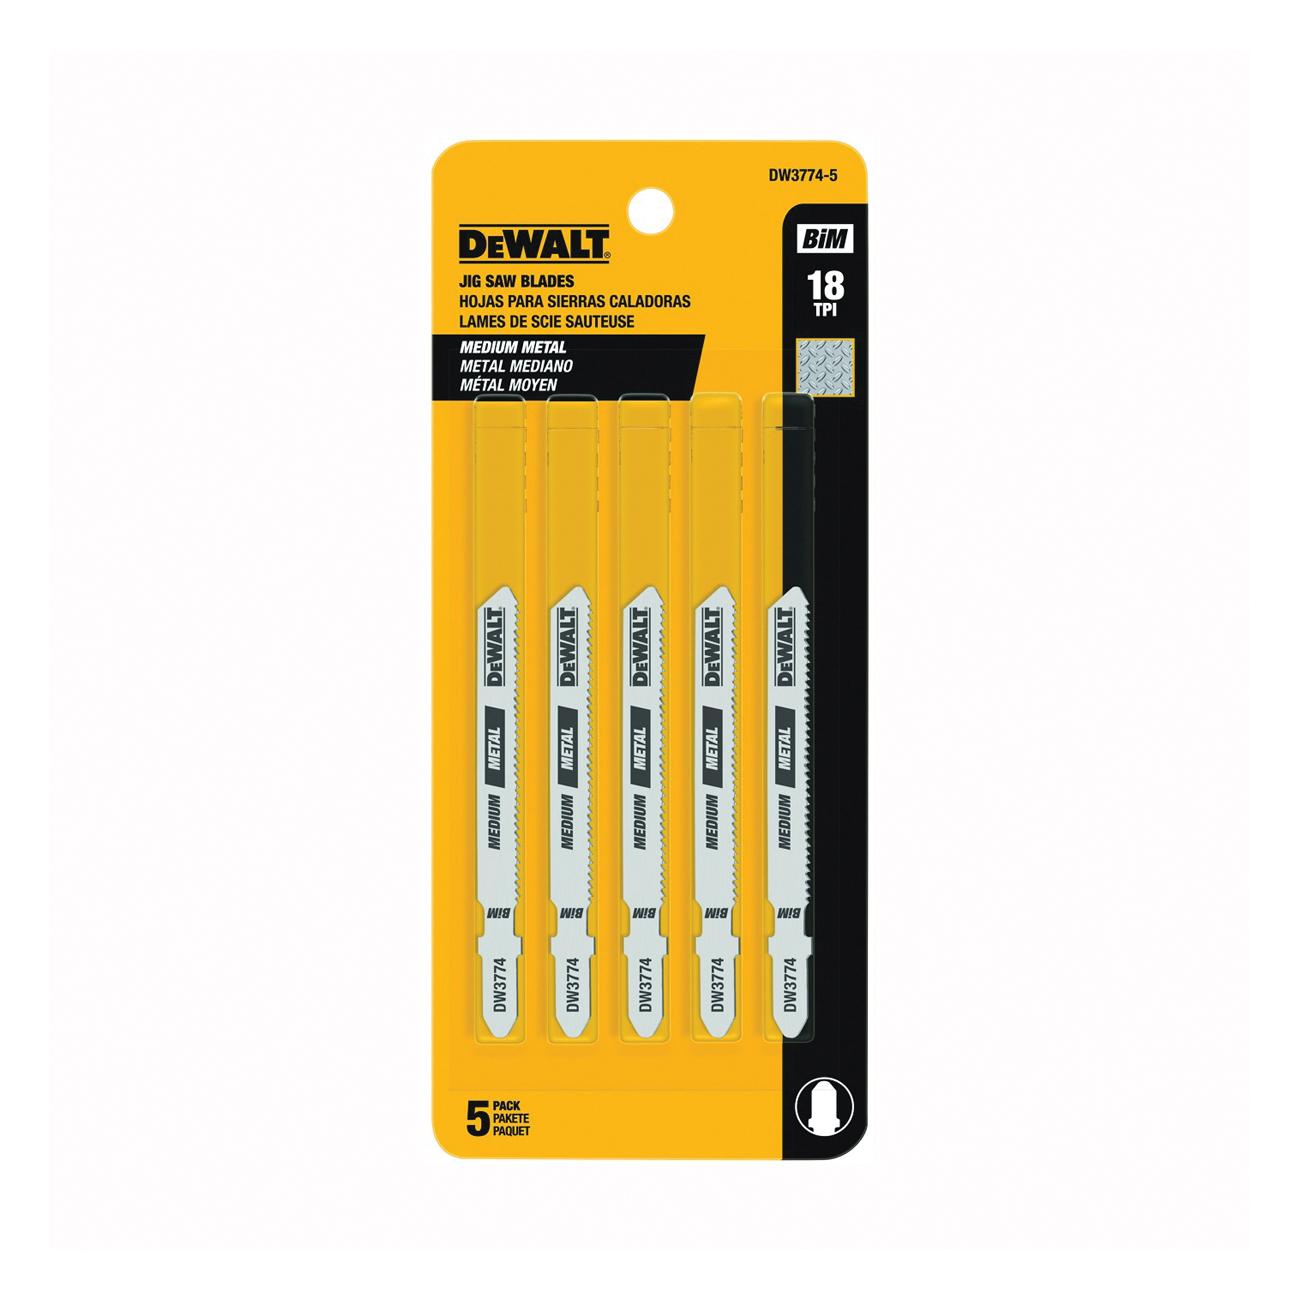 DeWALT DW3774-5